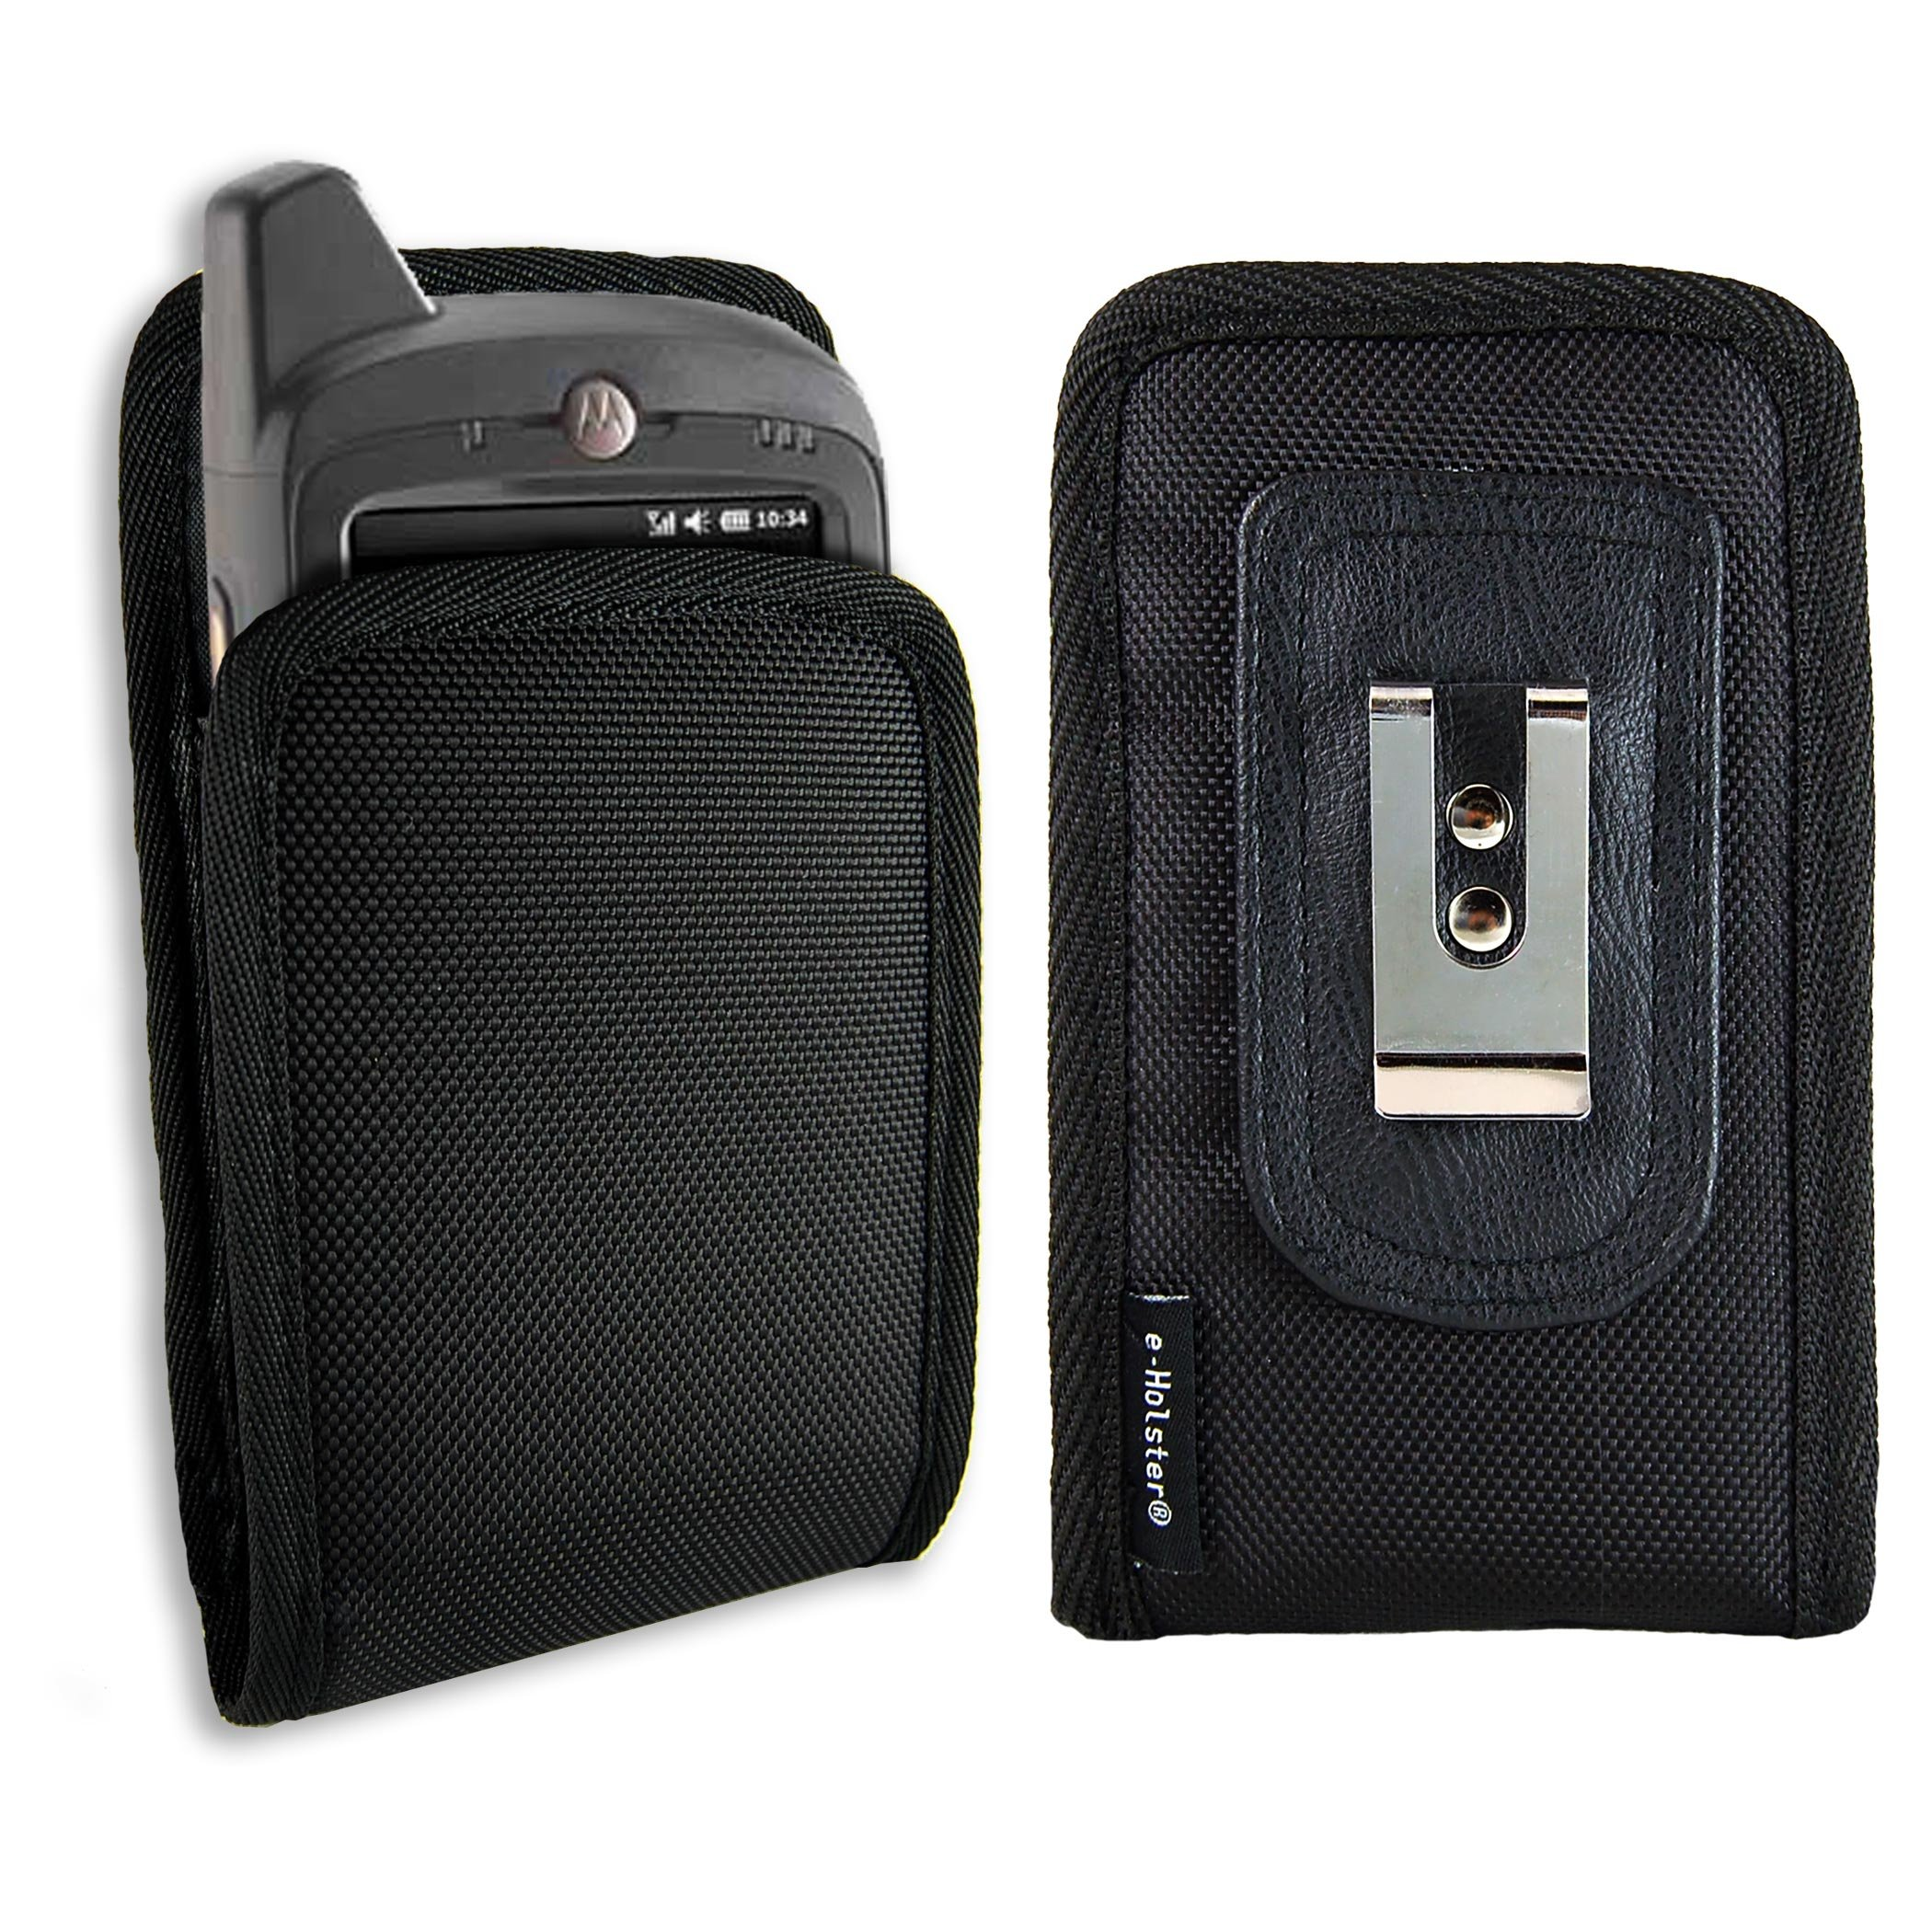 e-Holster Motorola/Zebra MC65 Rugged Ballistic Nylon Case Holster with Belt Clip